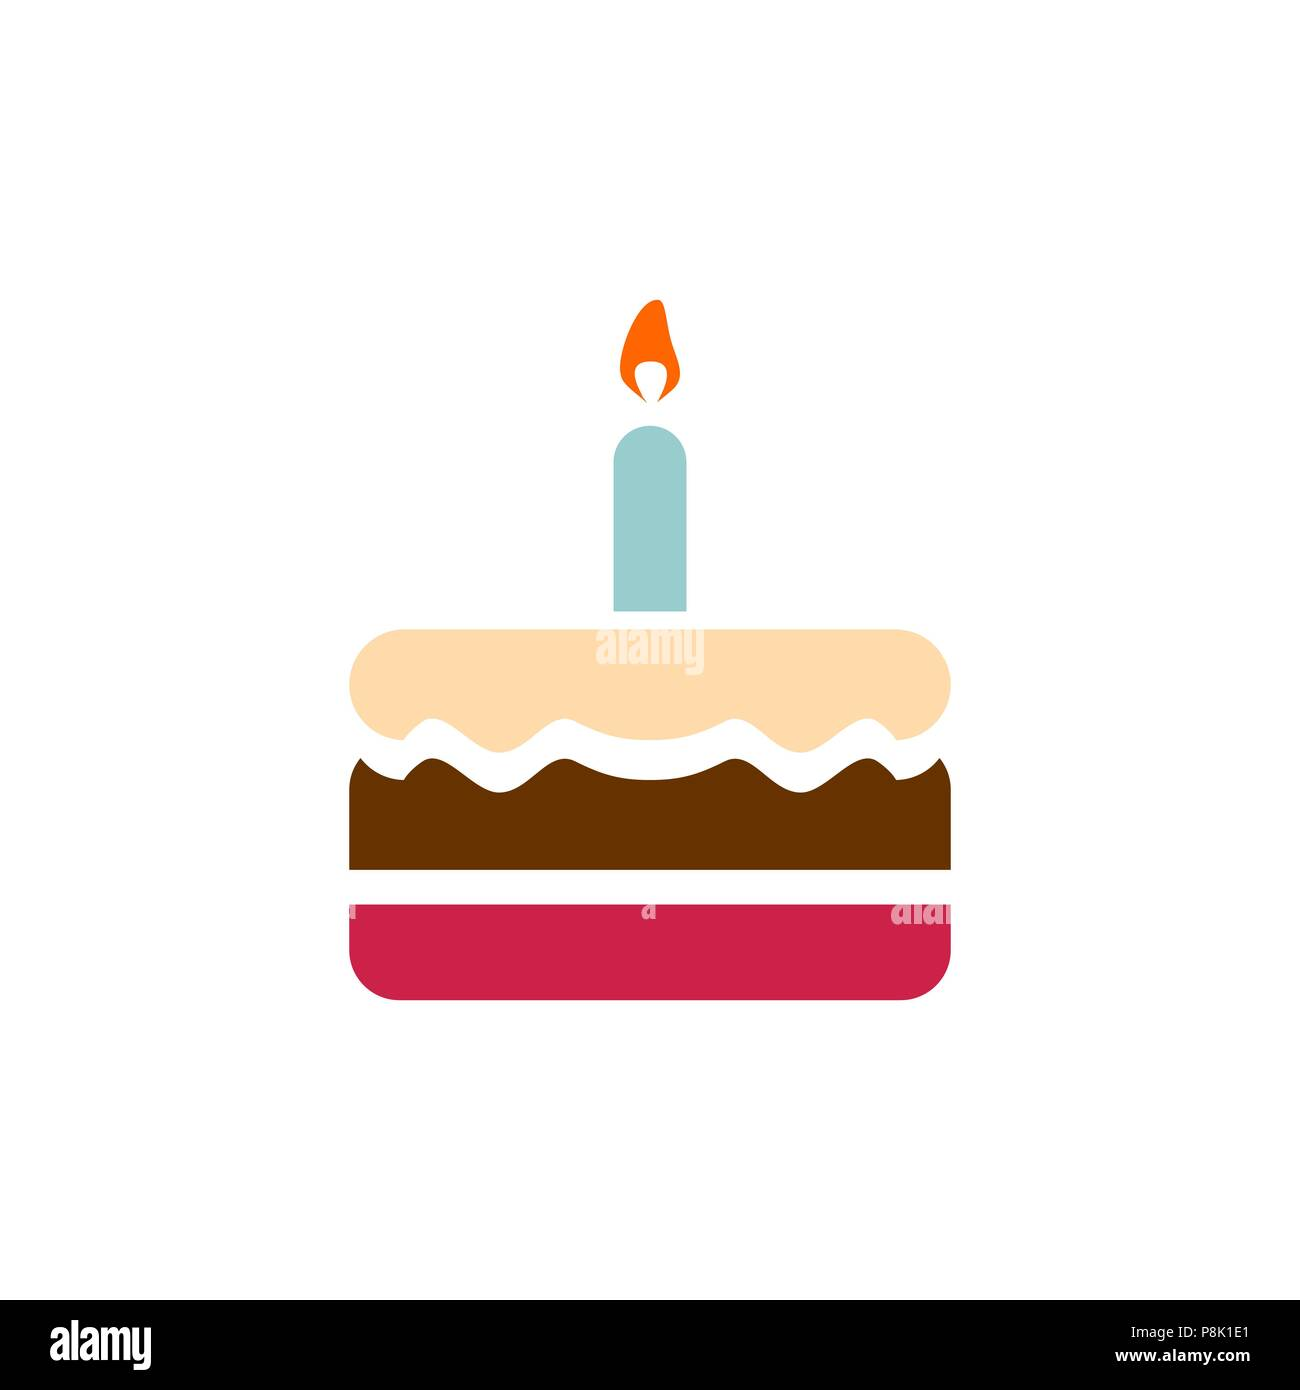 Geburtstag Kuchen Symbol Einfache Flat Style Abbildung Bild Vektor